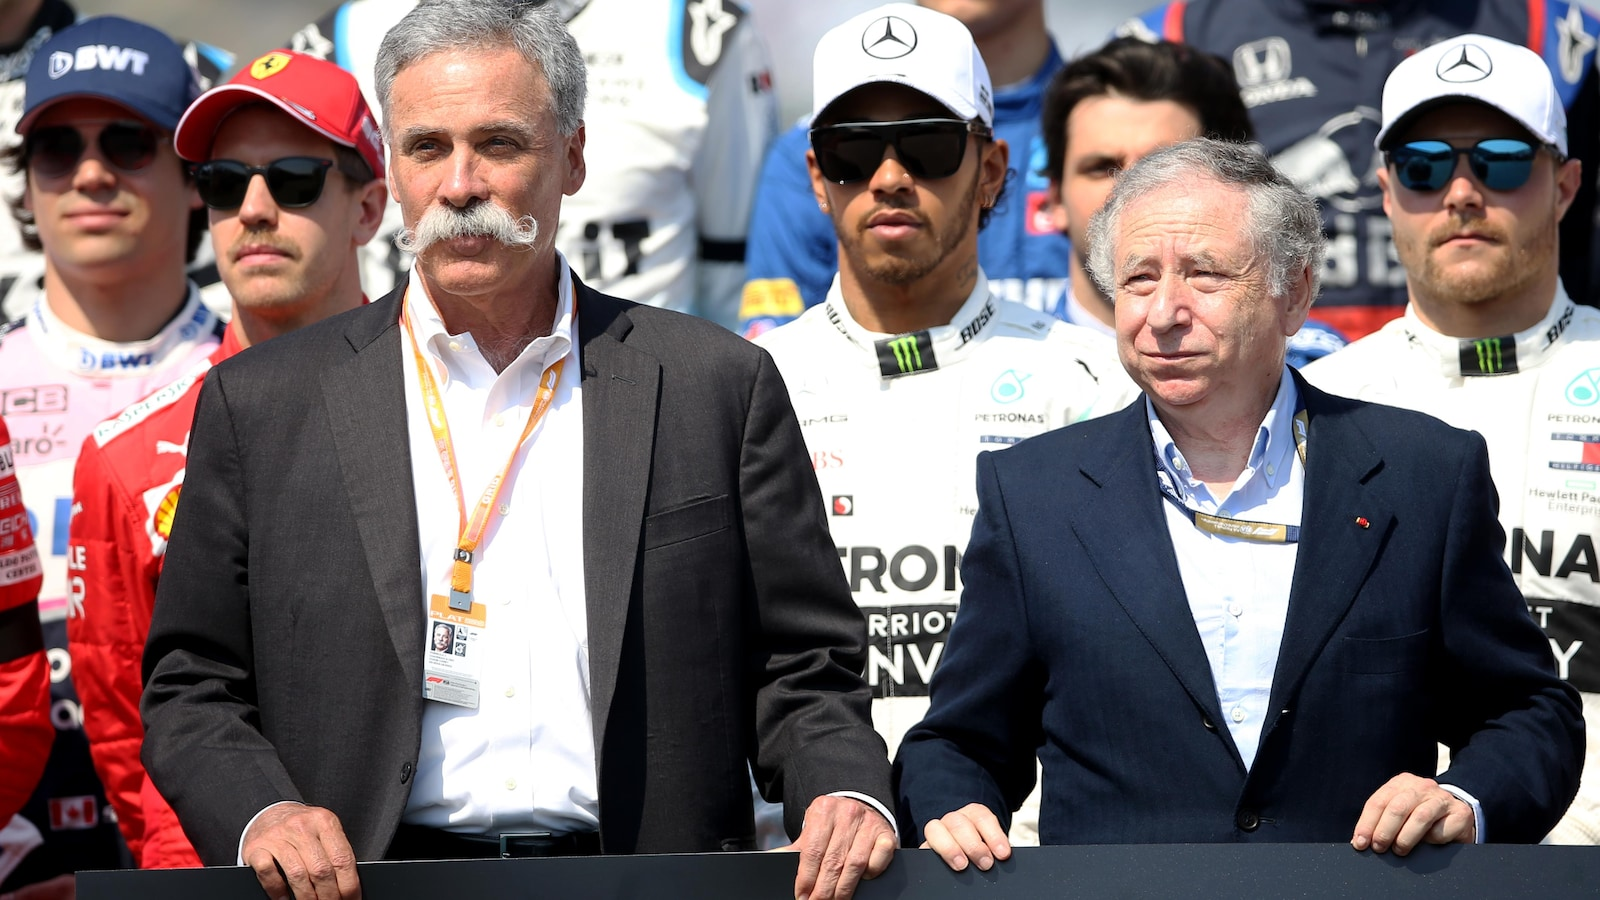 Chase Carey (à gauche) et Jean Todt sur la grille de départ du Grand Prix d'Australie, avec les pilotes dont Lance Stroll (casquette BWT) en arrière-plan